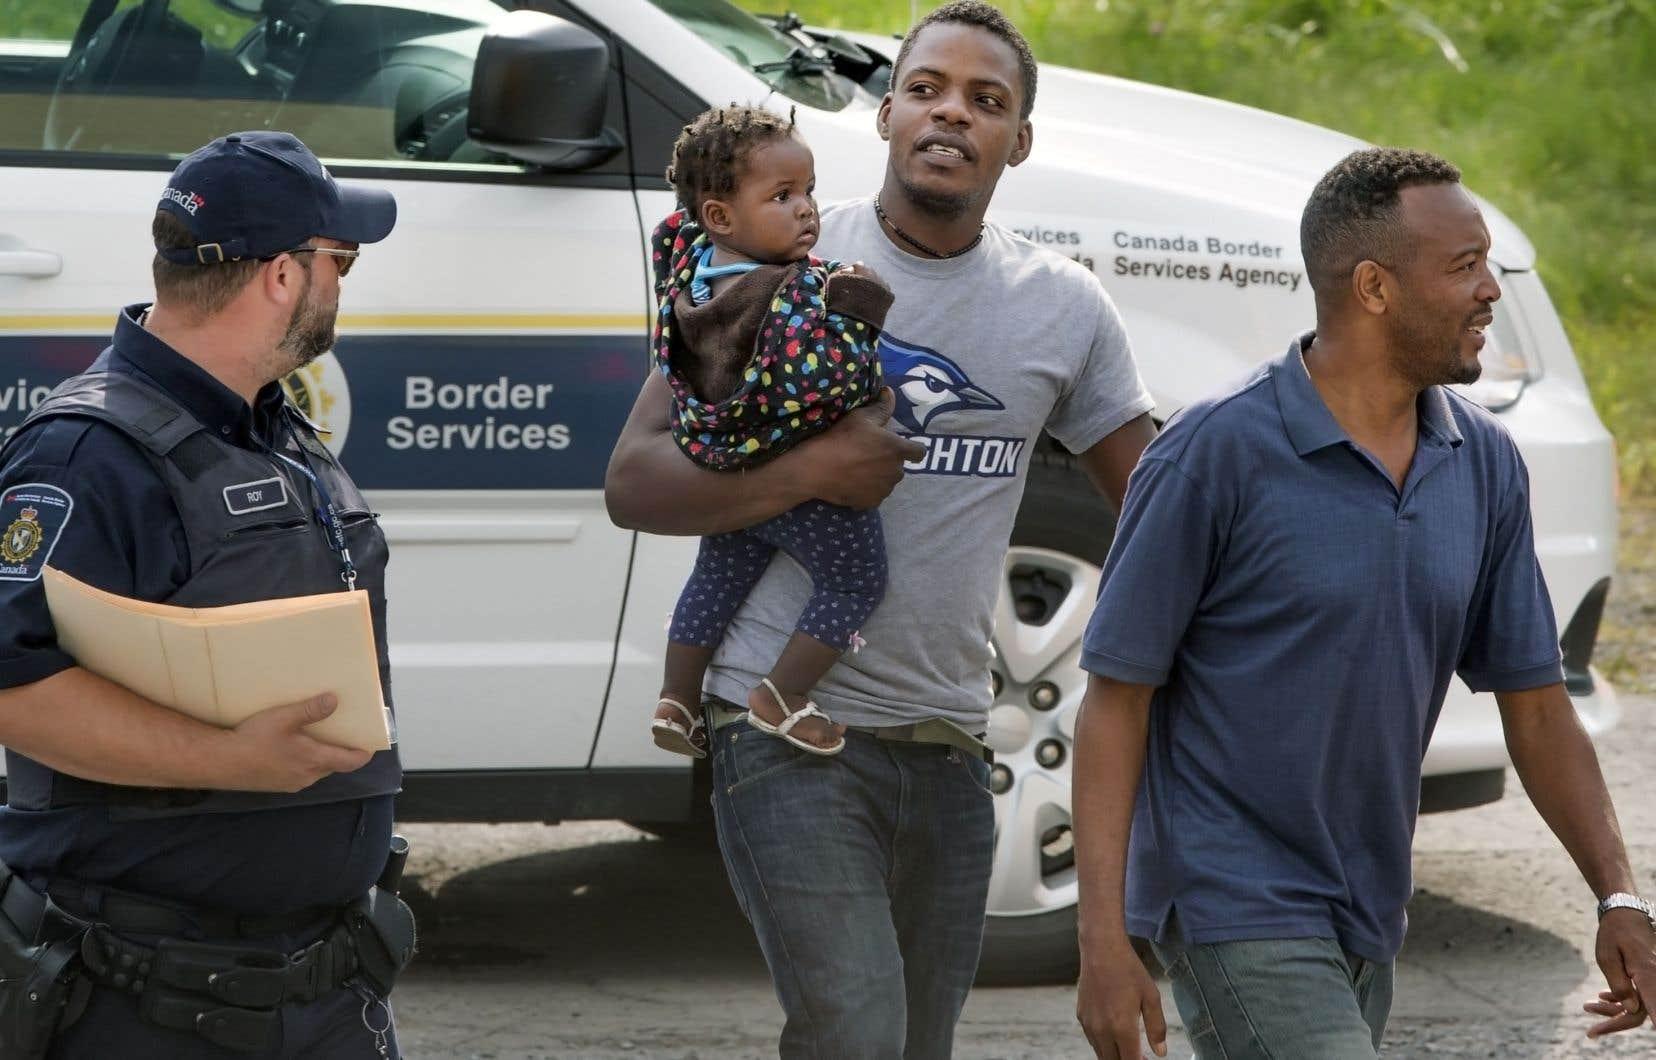 Plusieurs migrants, dont la majorité était d'origine haïtienne en provenance des États-Unis, ont traversé la frontière canadienne par le chemin Roxham au cours du printemps et de l'été 2017.